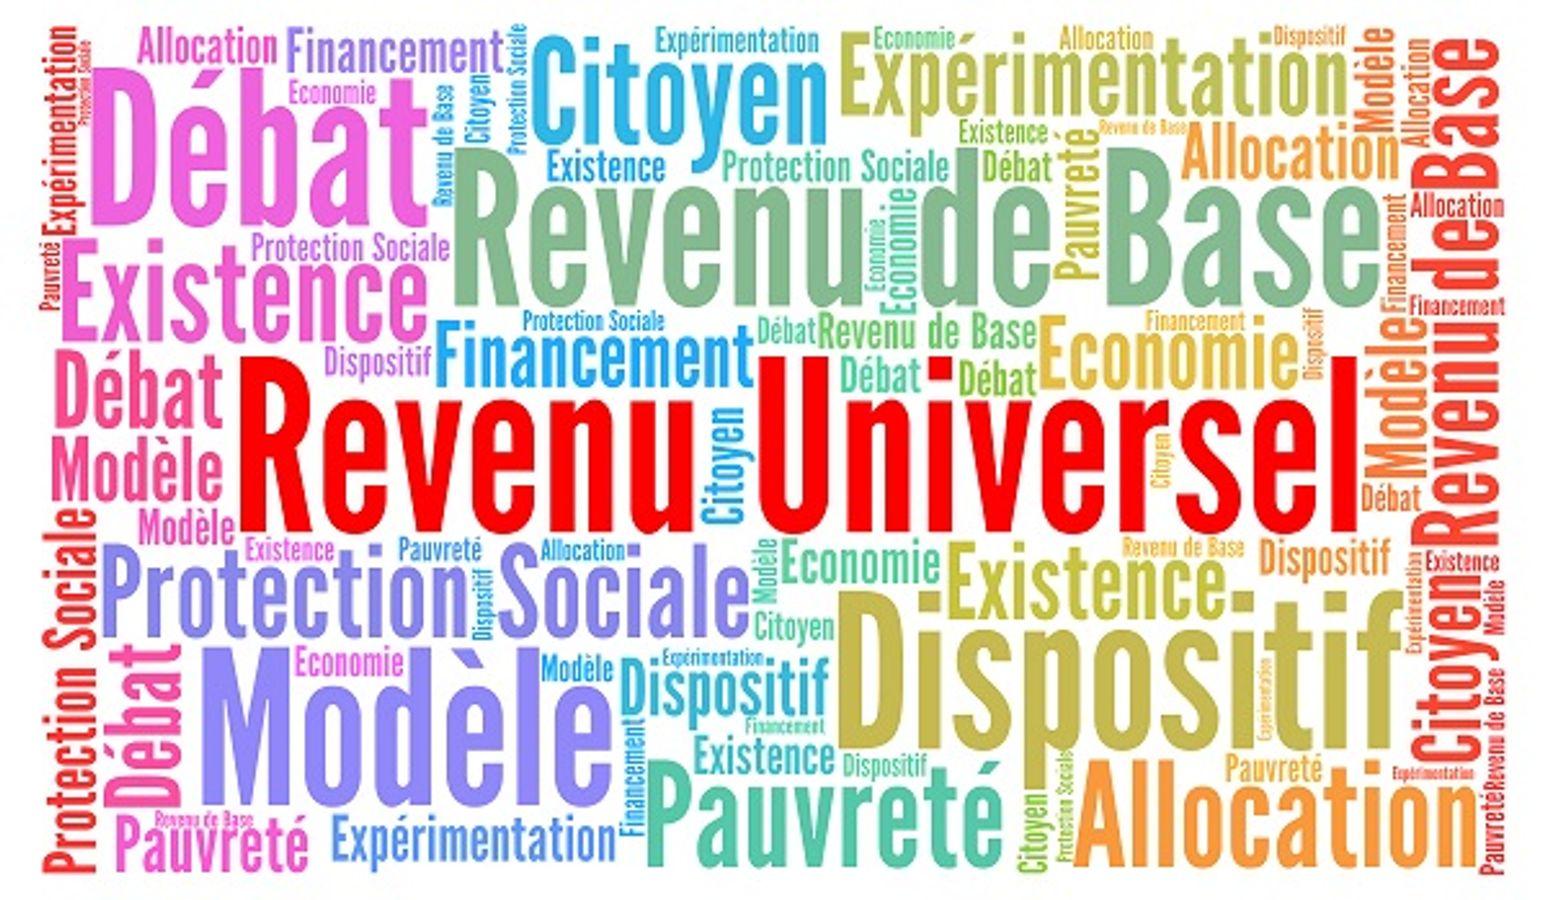 Revenu universel: enjeux et perspectives d'une réforme des politiques sociales